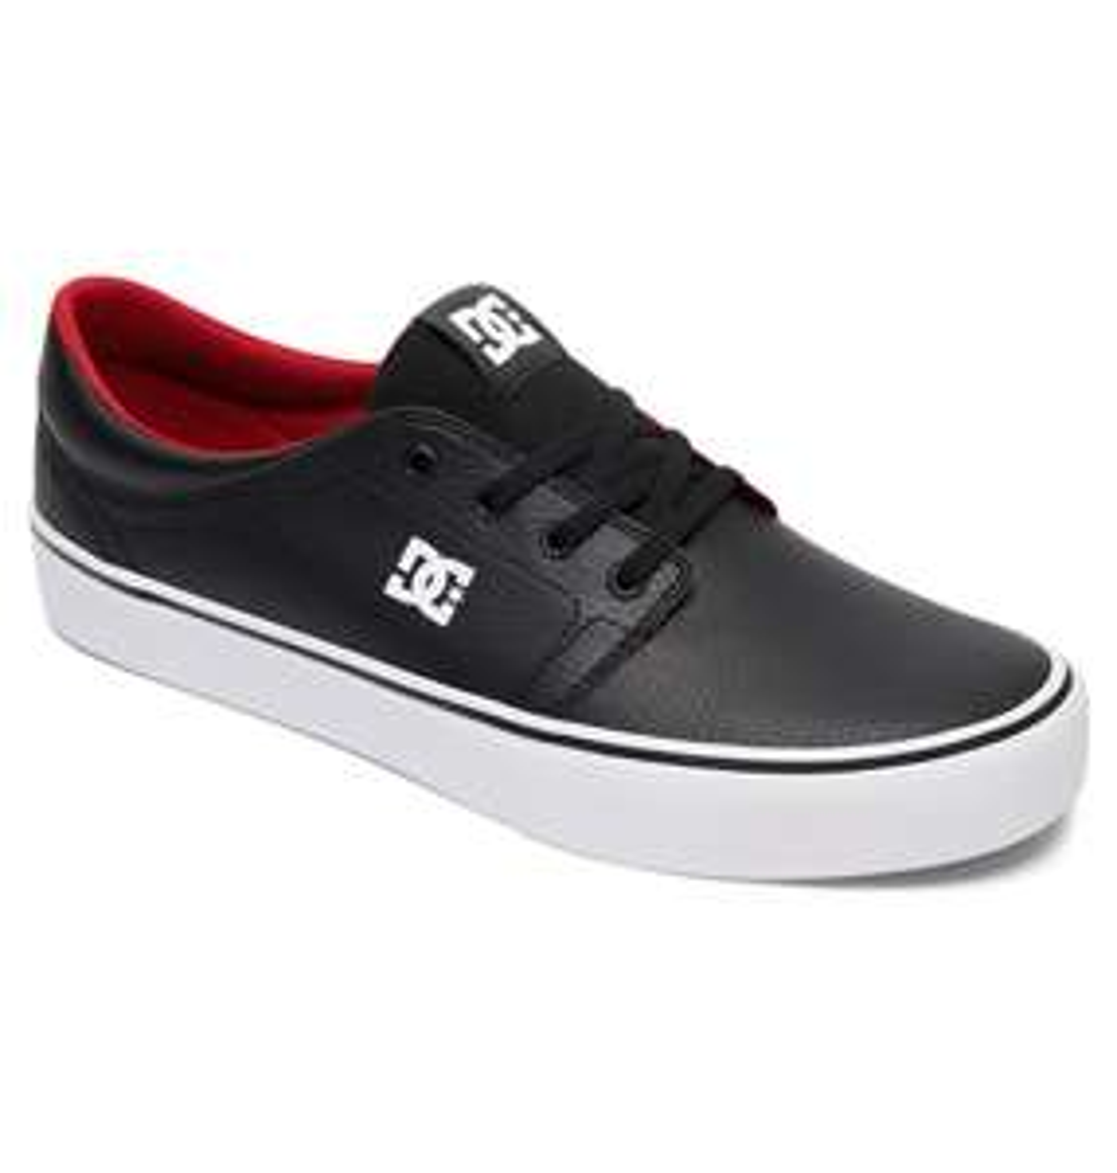 Sélection de chaussures en promotion - Ex : DC Shoes Trase ADYS300402 pour Homme - Cuir, Noir/Blanc